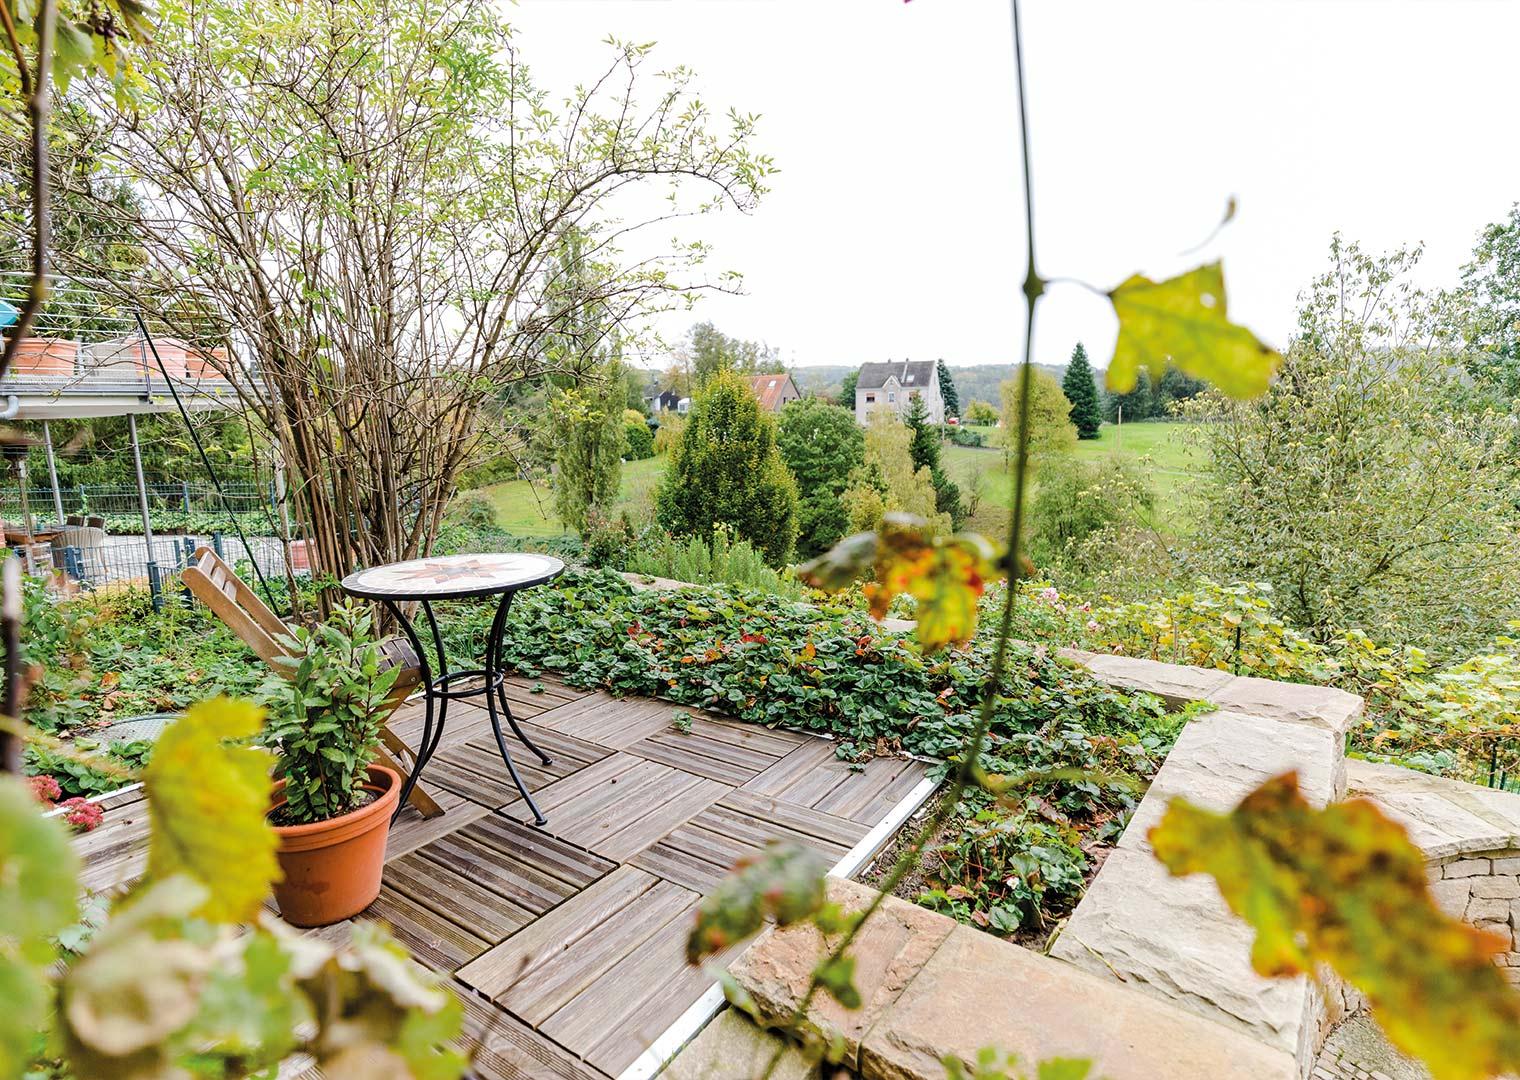 Link zur Bilddatei: menke_galabau_bochum_galeriebild_terrassen_verweilorte_terrasse_holz